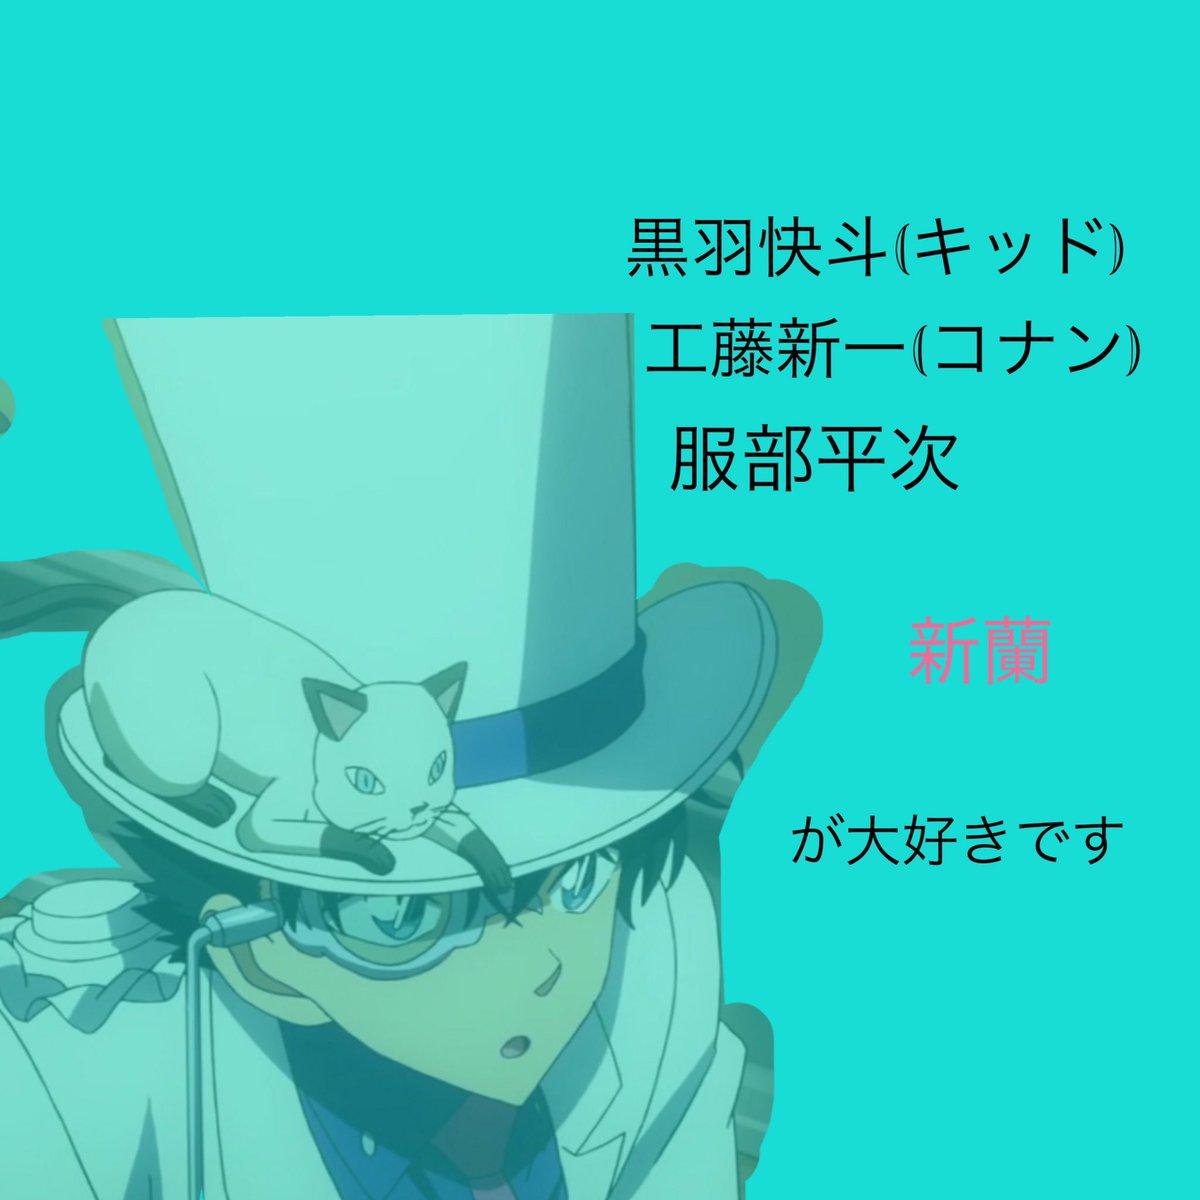 〇沢山のコナクラさんと繋がりたい🌸黒羽快斗(キッド)が大好きです🌸まじっく快斗愛してます🌸工藤新一(コナン)大好きです🌸